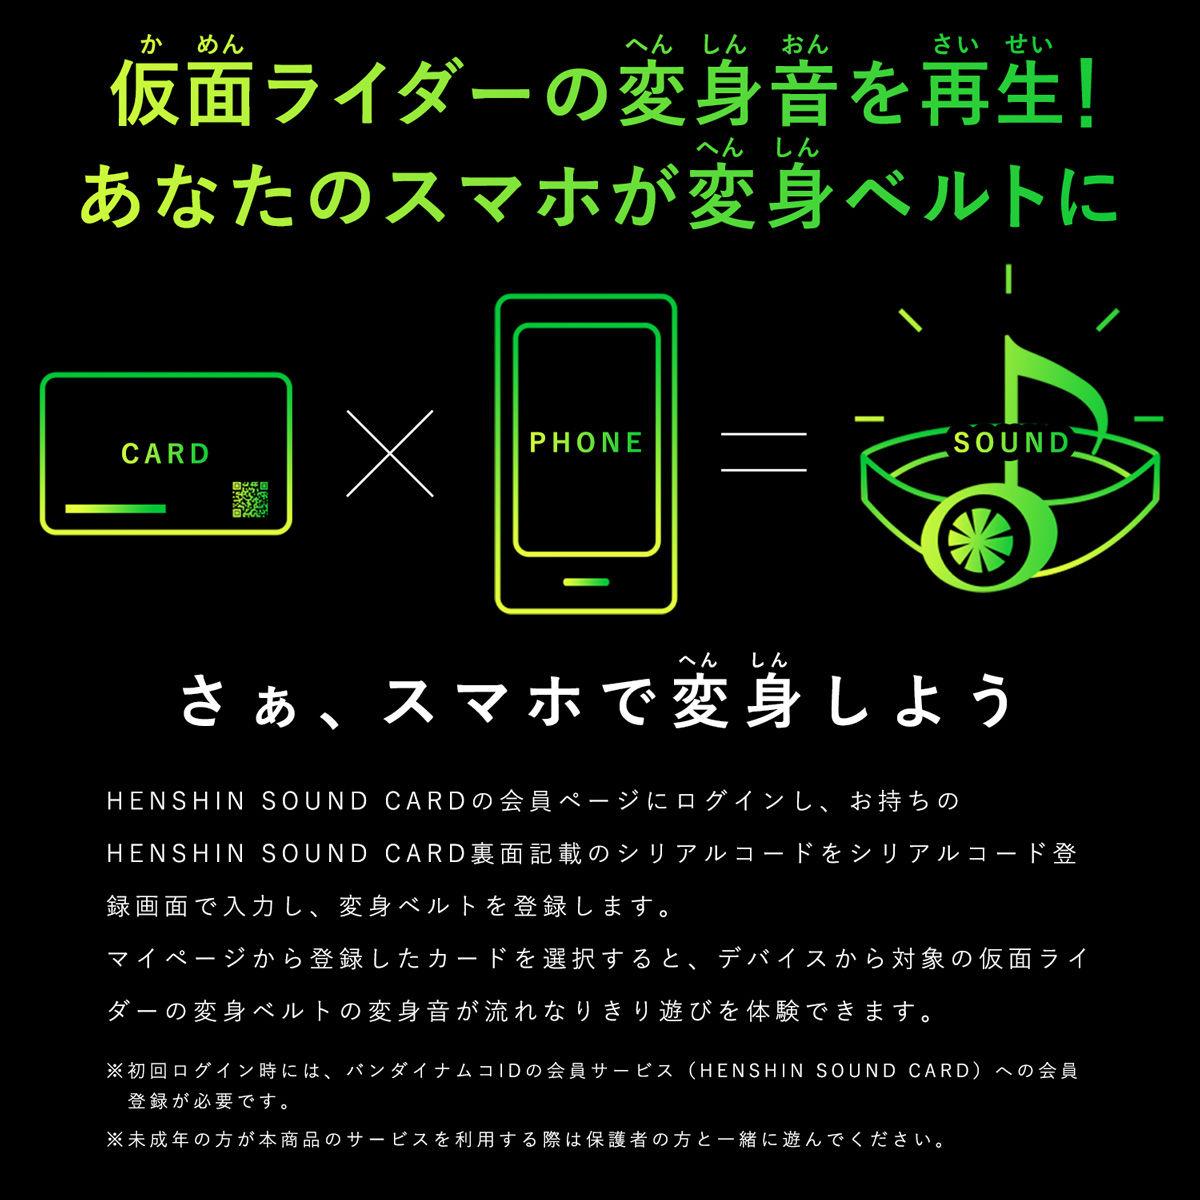 変身サウンドカードセレクション 仮面ライダービルド ラビットタンクフォーム